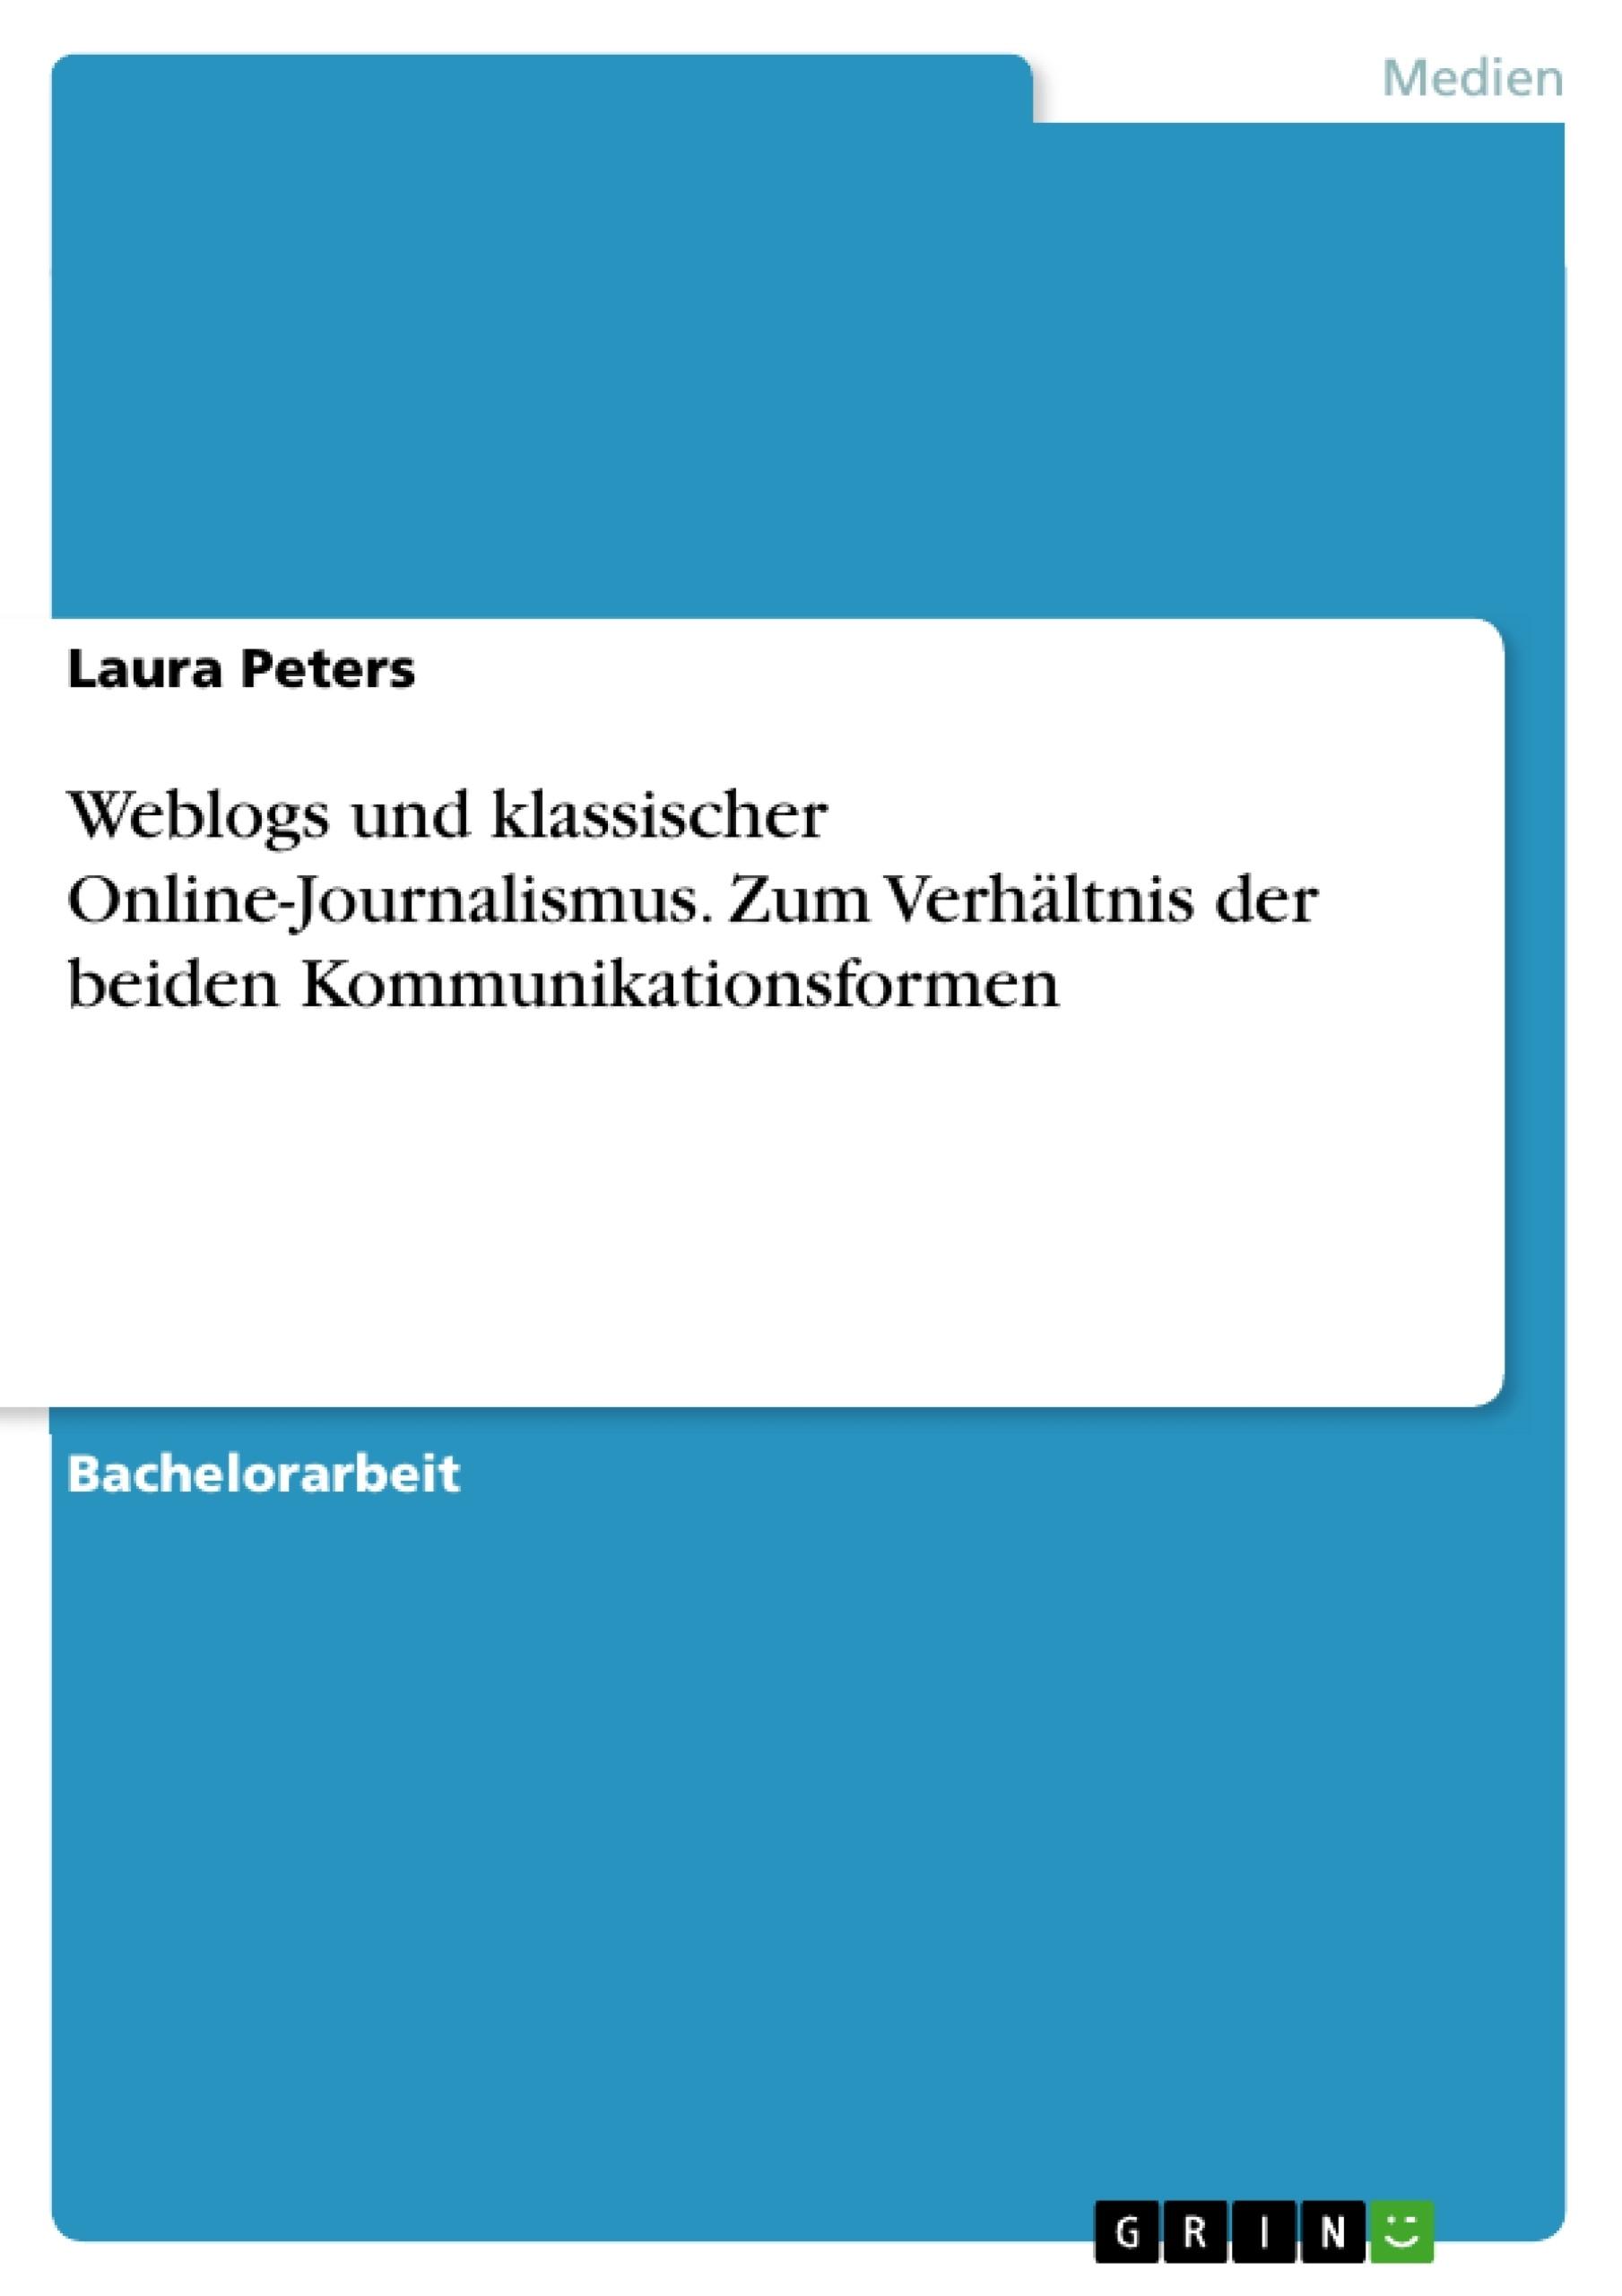 Titel: Weblogs und klassischer Online-Journalismus. Zum Verhältnis der beiden Kommunikationsformen